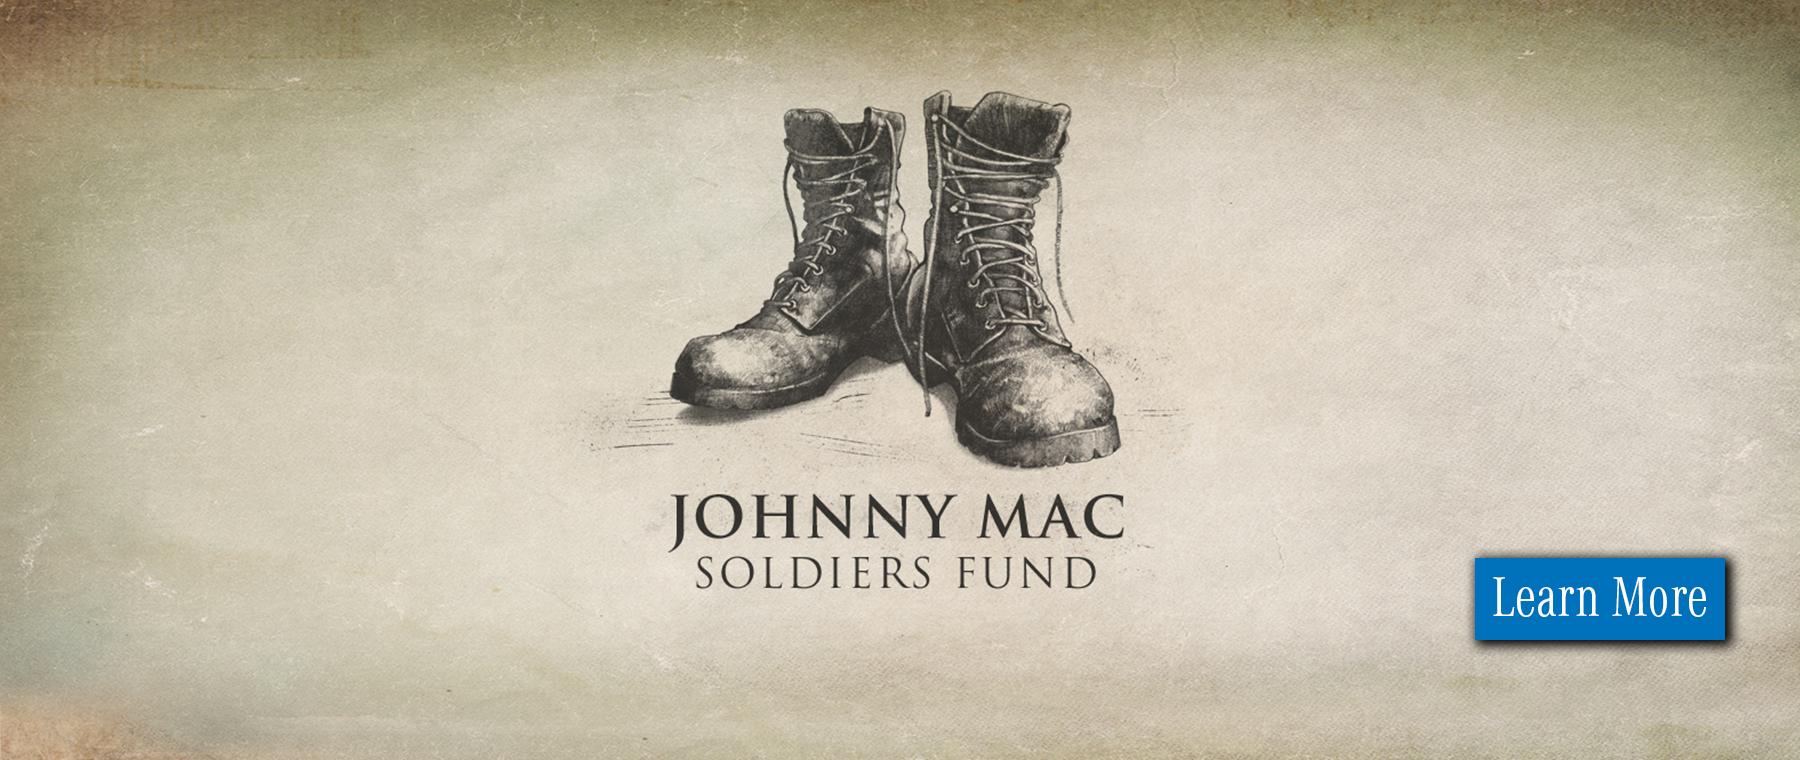 Johnny Mac Soldier Fund